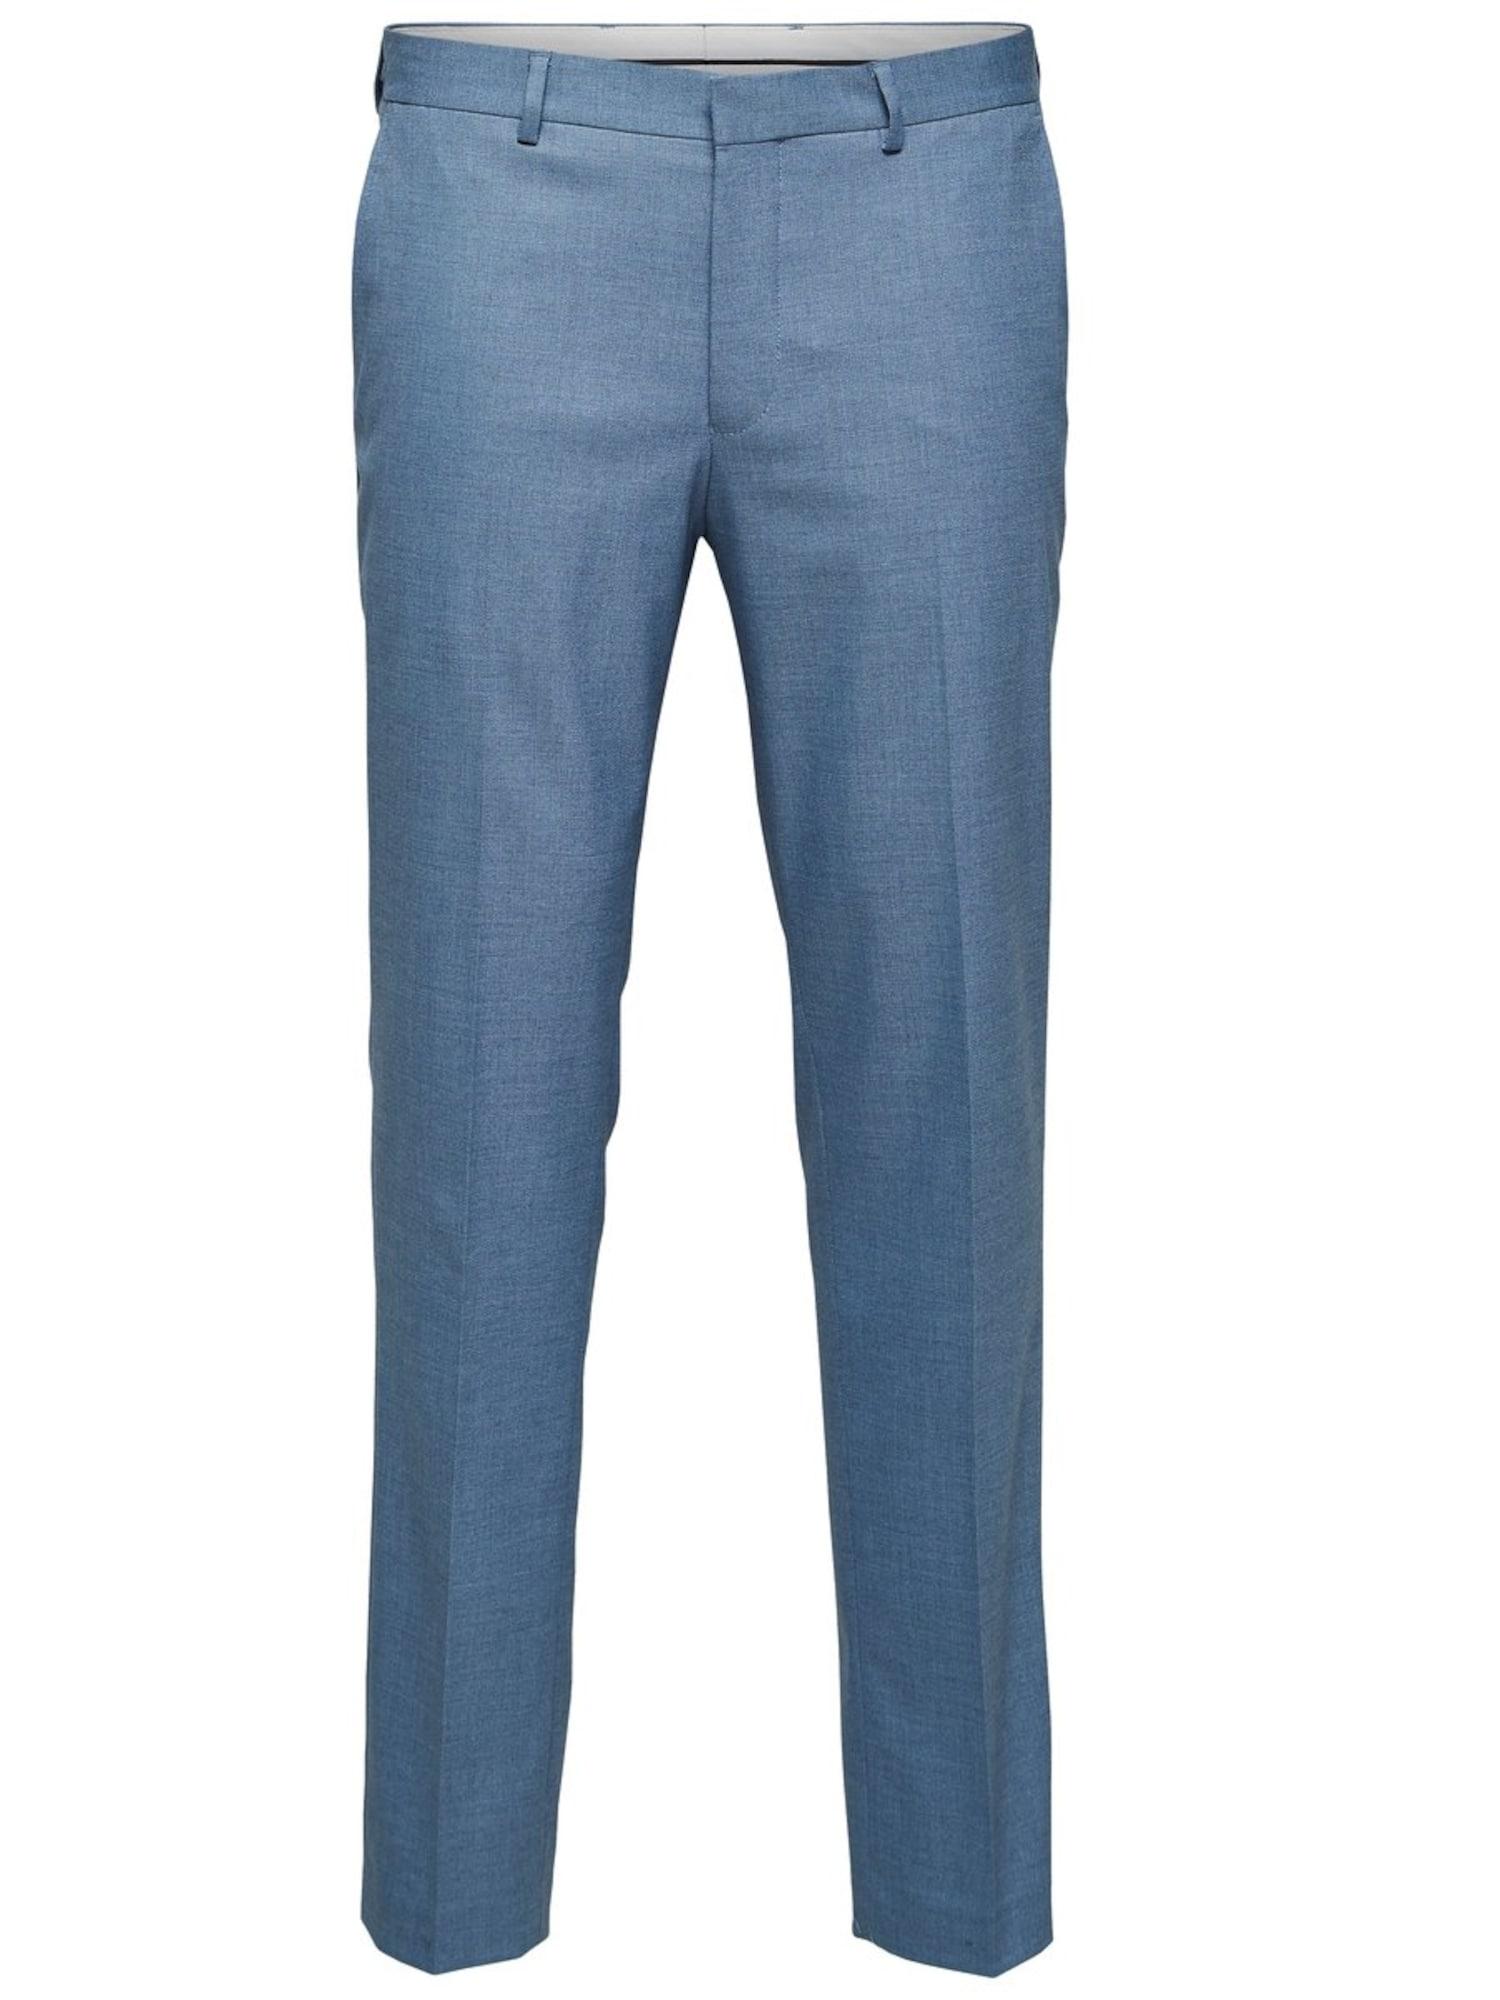 SELECTED HOMME Plisované nohavice  svetlomodrá